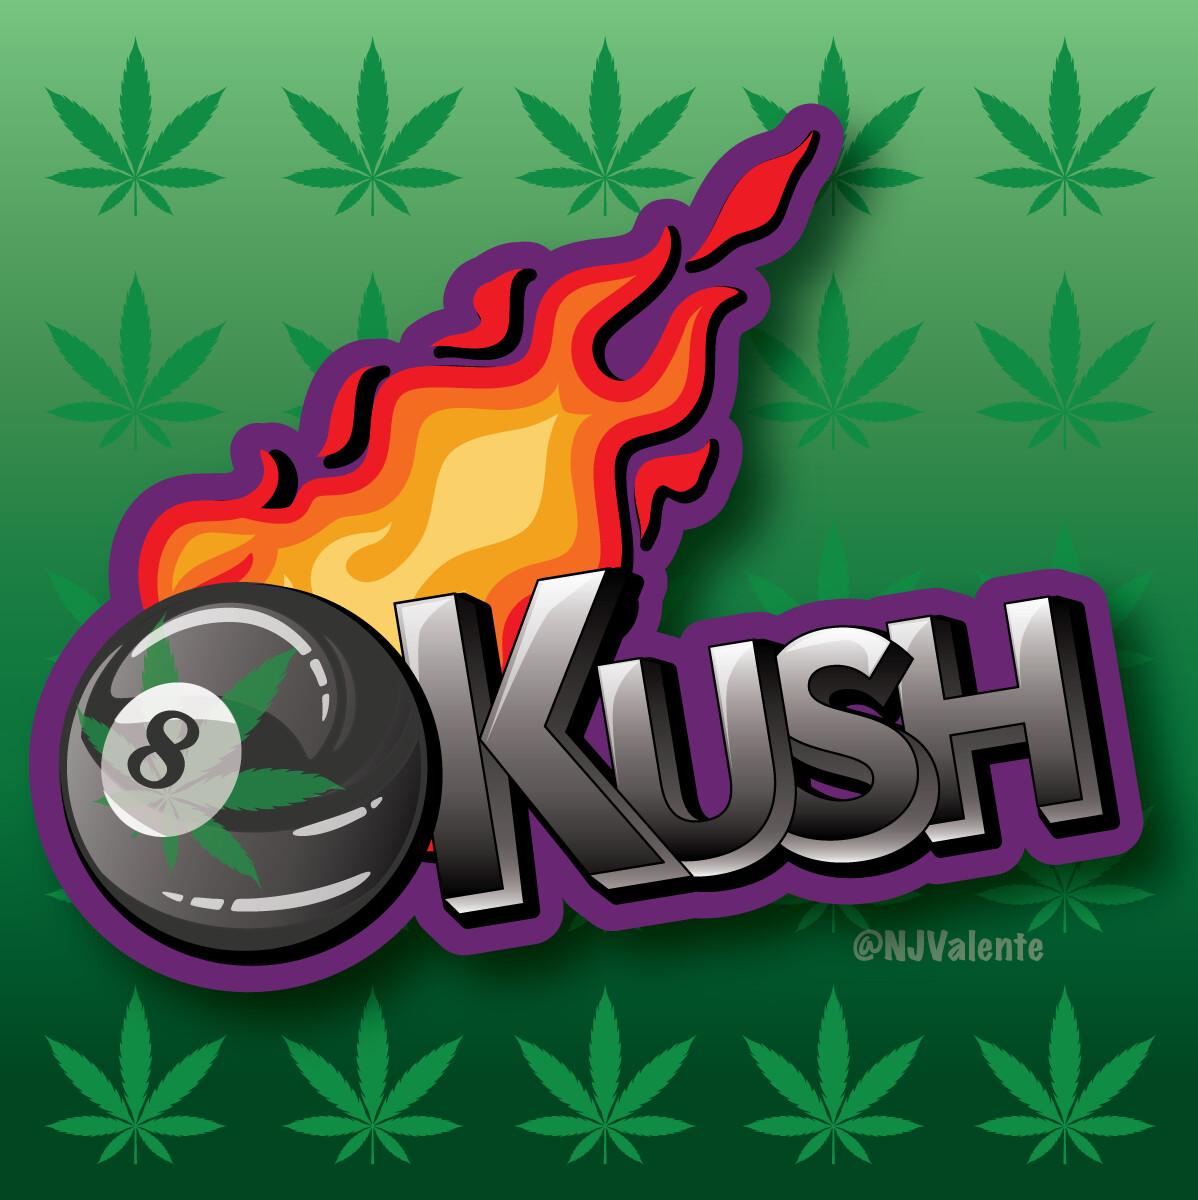 8-Ball Kush Cannabis Logo Design